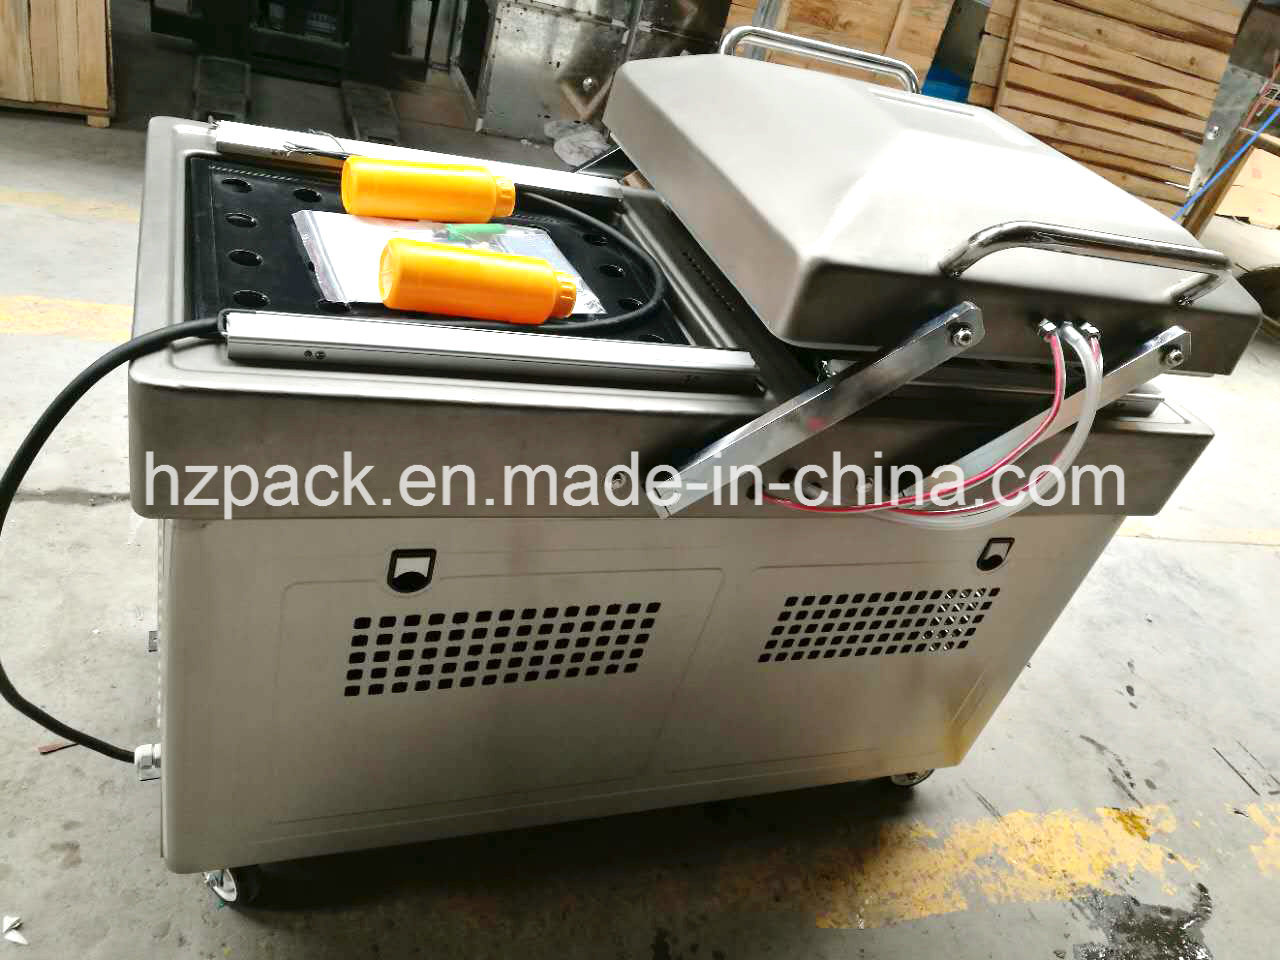 Dz-400/2s Double Chambers Vacuum Packer Packing Machine From China